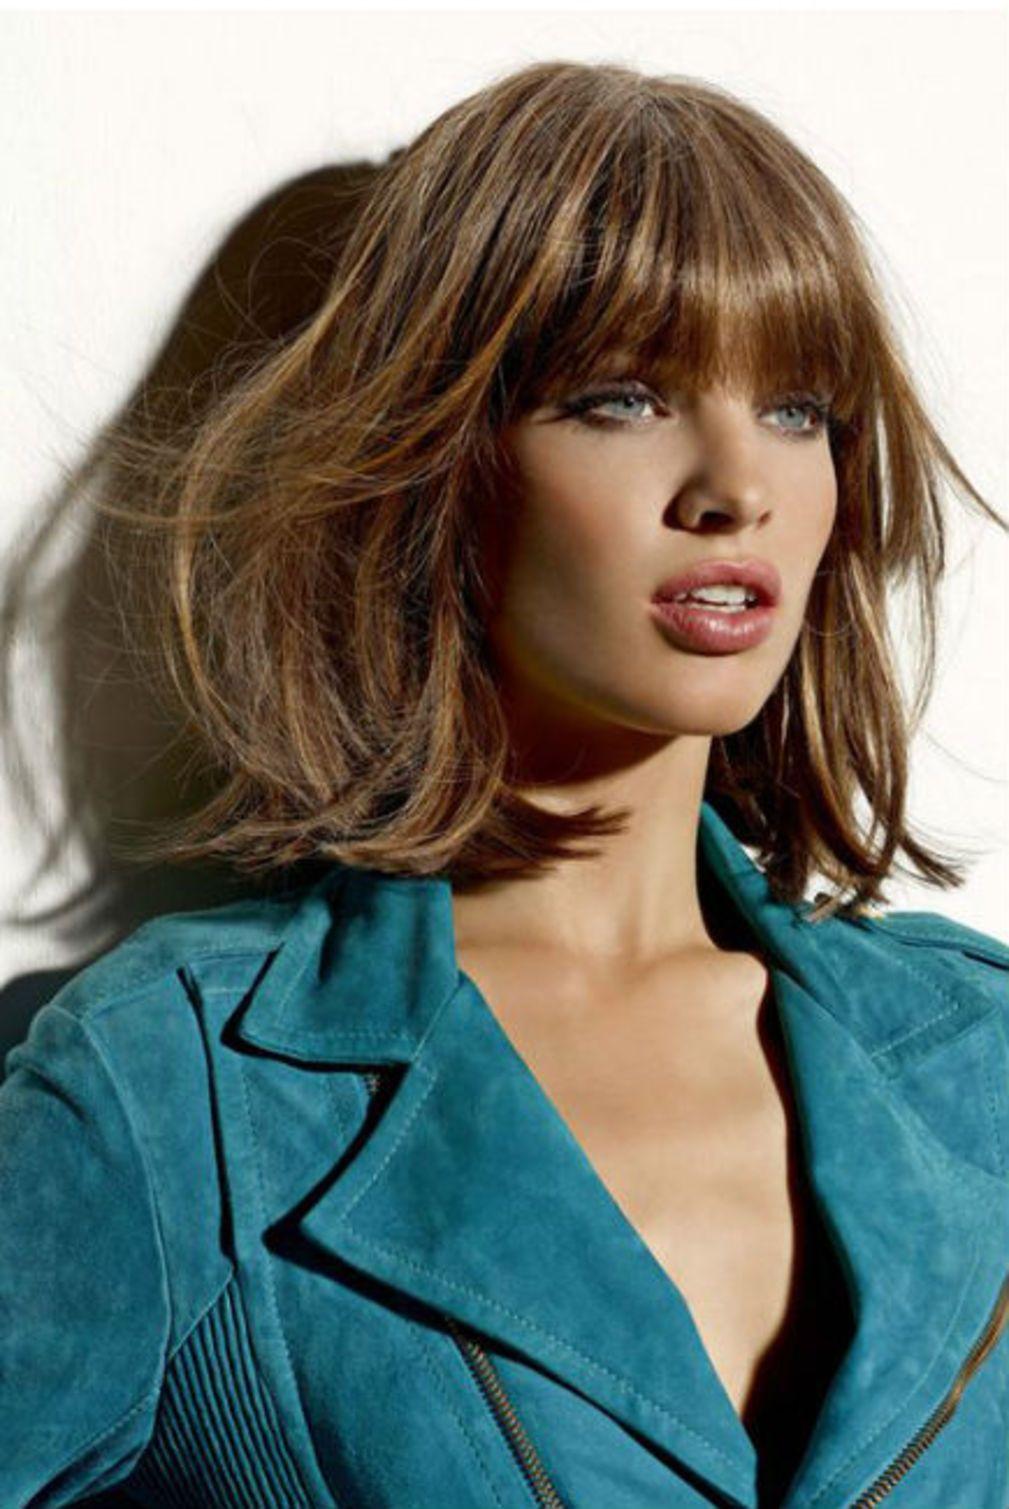 Coiffure frange droite et carré mi-long | Coiffure frange, Vog coiffure et Coiffure